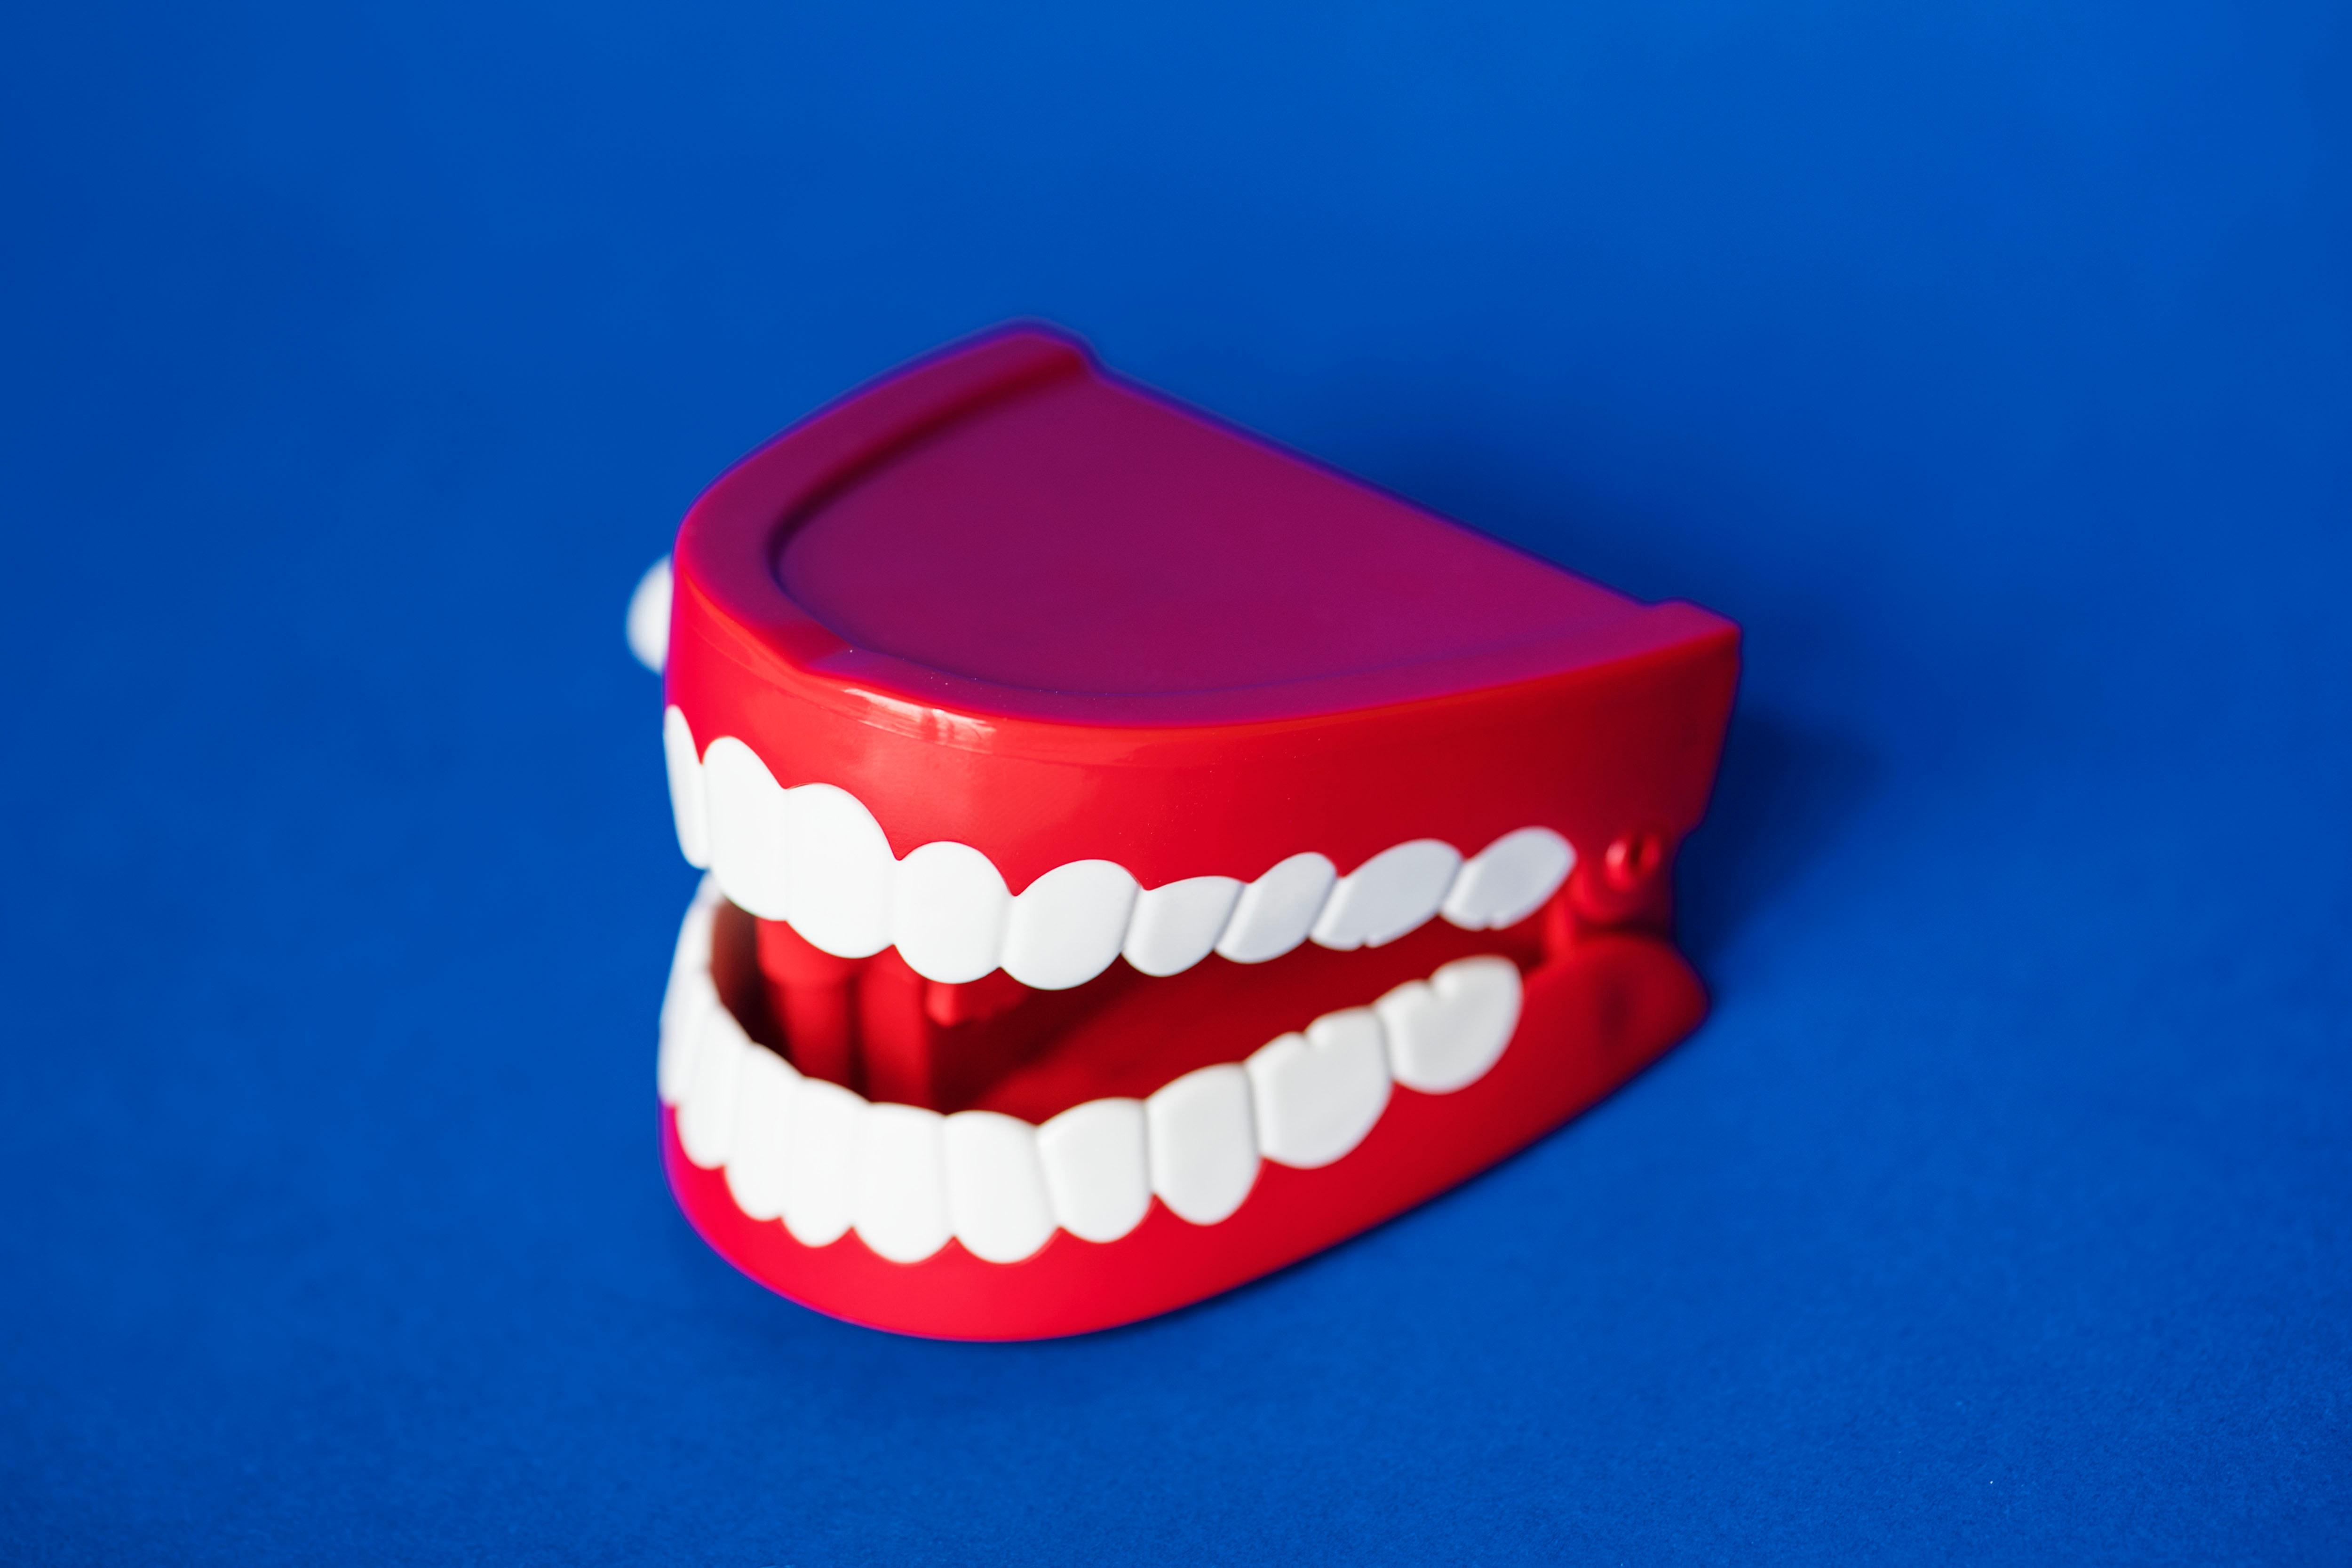 Best Dental Clinic in St Paul MN